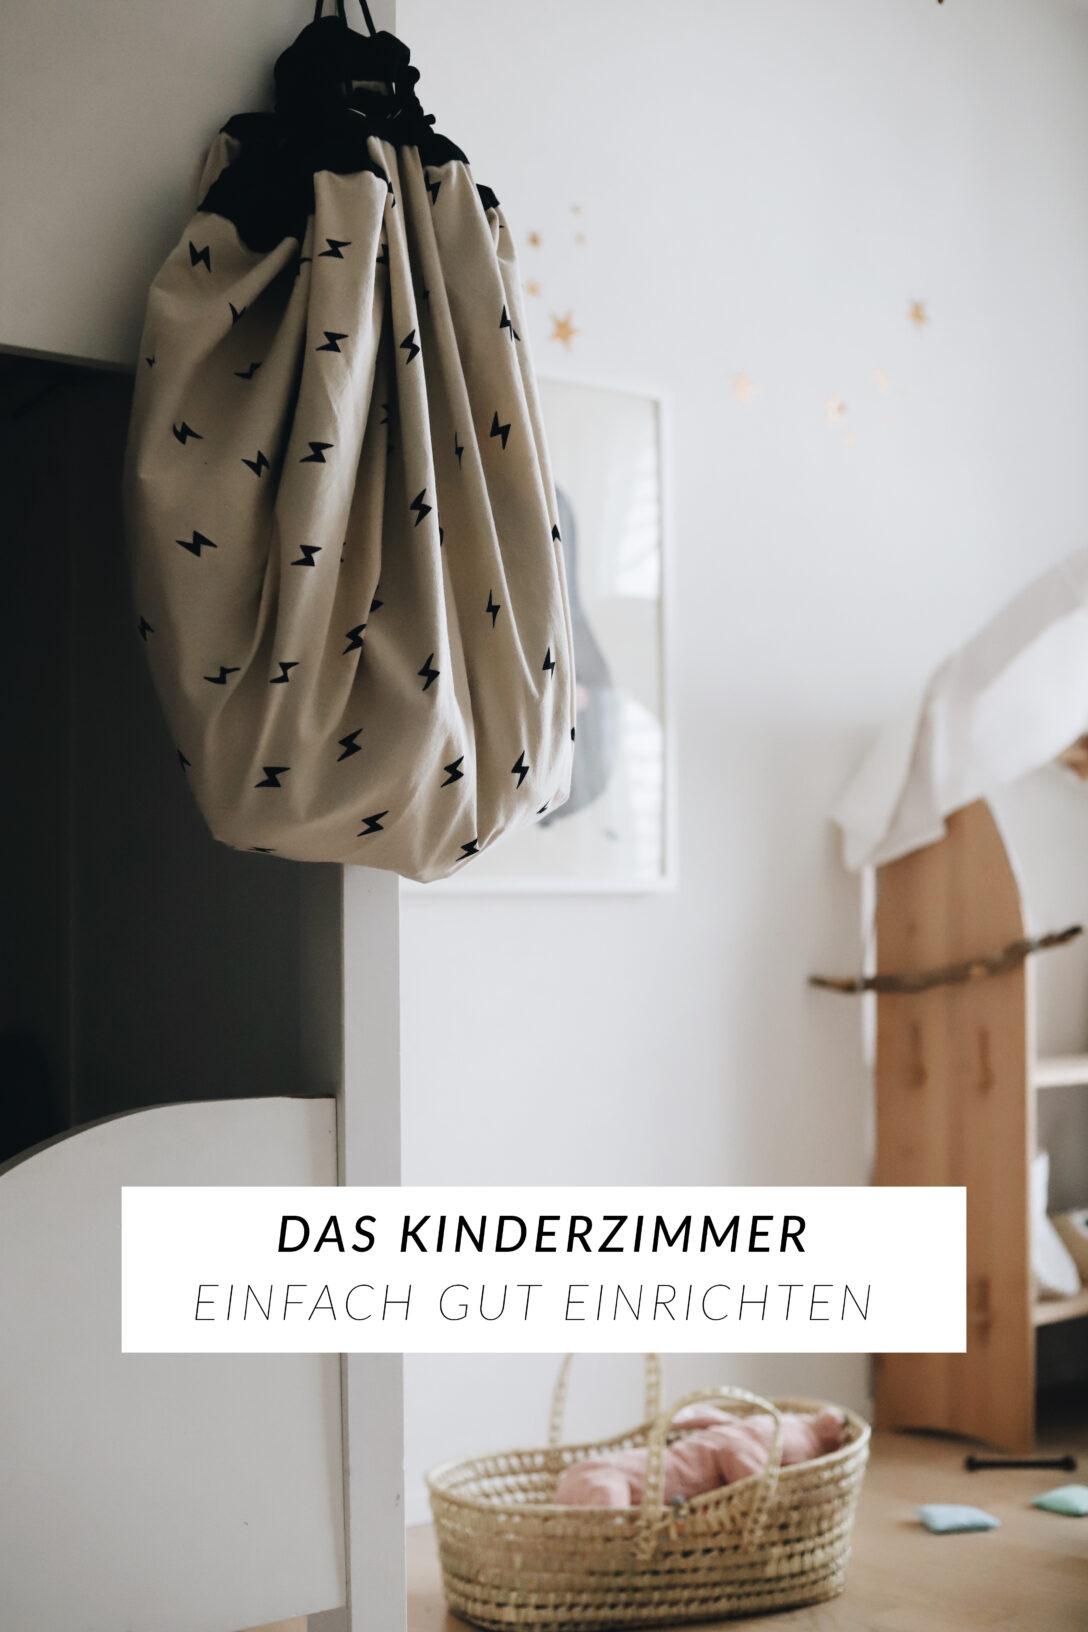 Large Size of Kinderzimmer Einfach Küche Einrichten Regal Weiß Kleine Badezimmer Regale Sofa Kinderzimmer Kinderzimmer Einrichten Junge